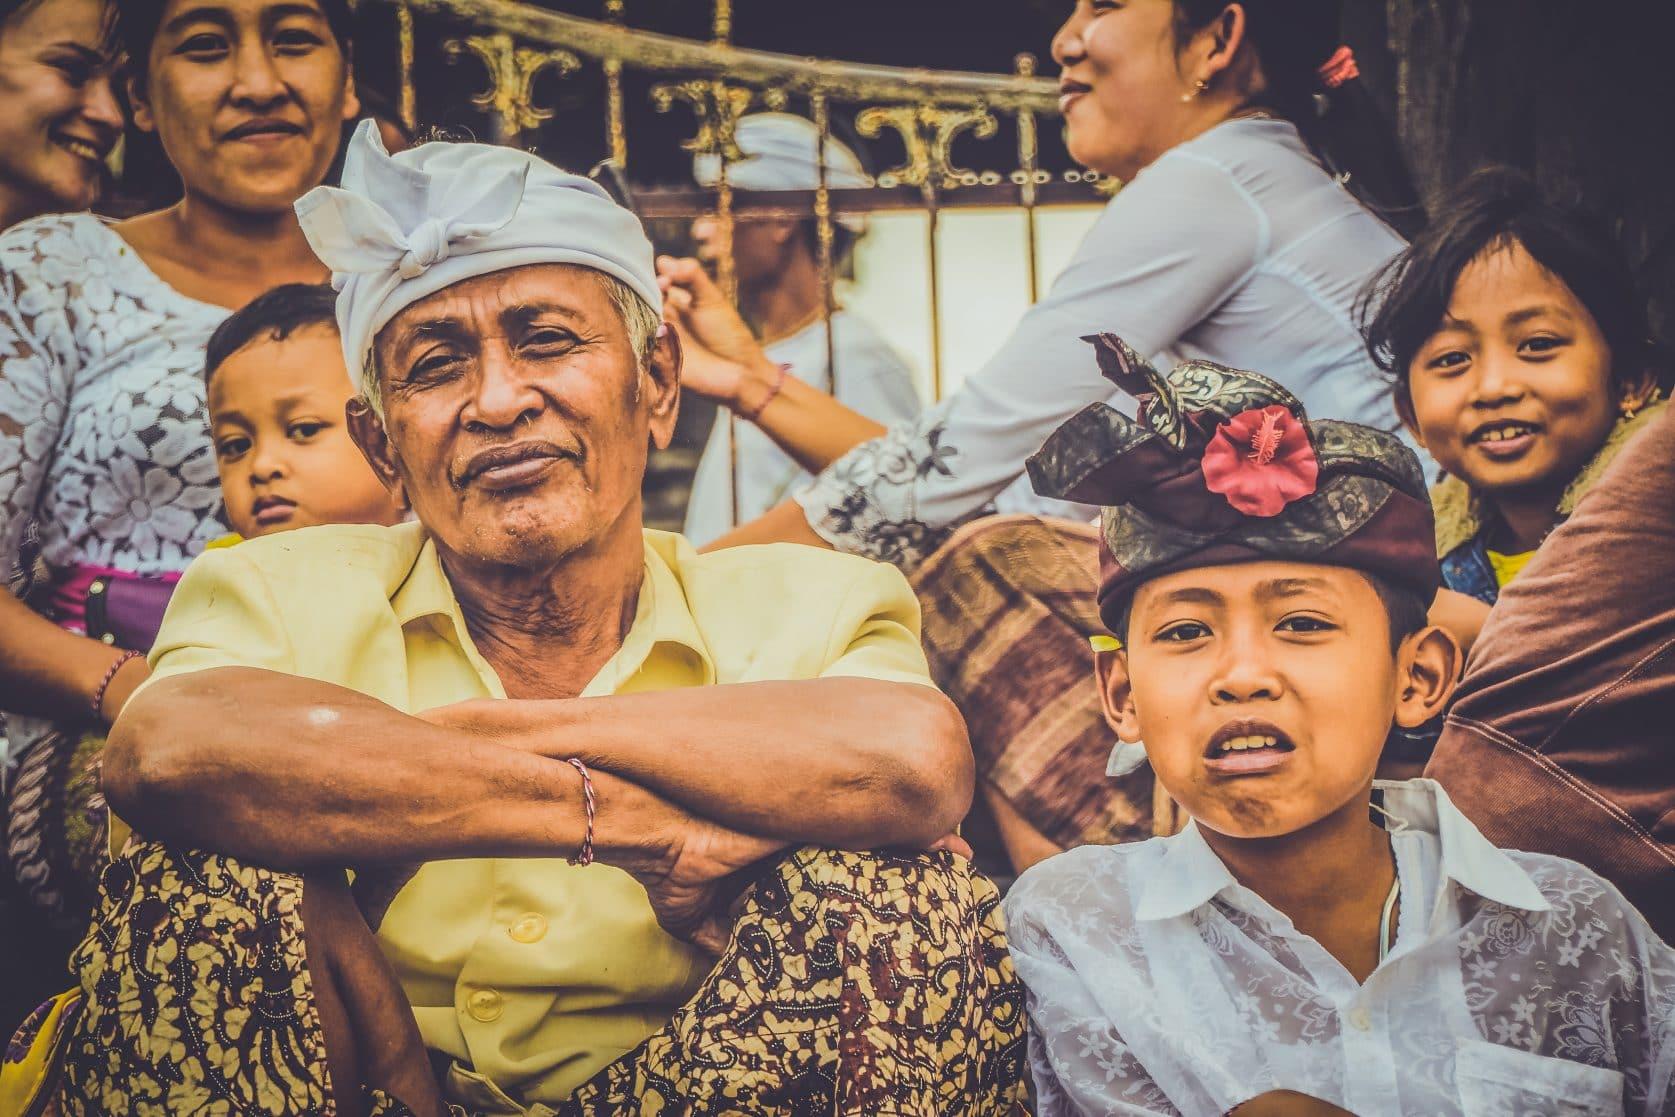 bali people